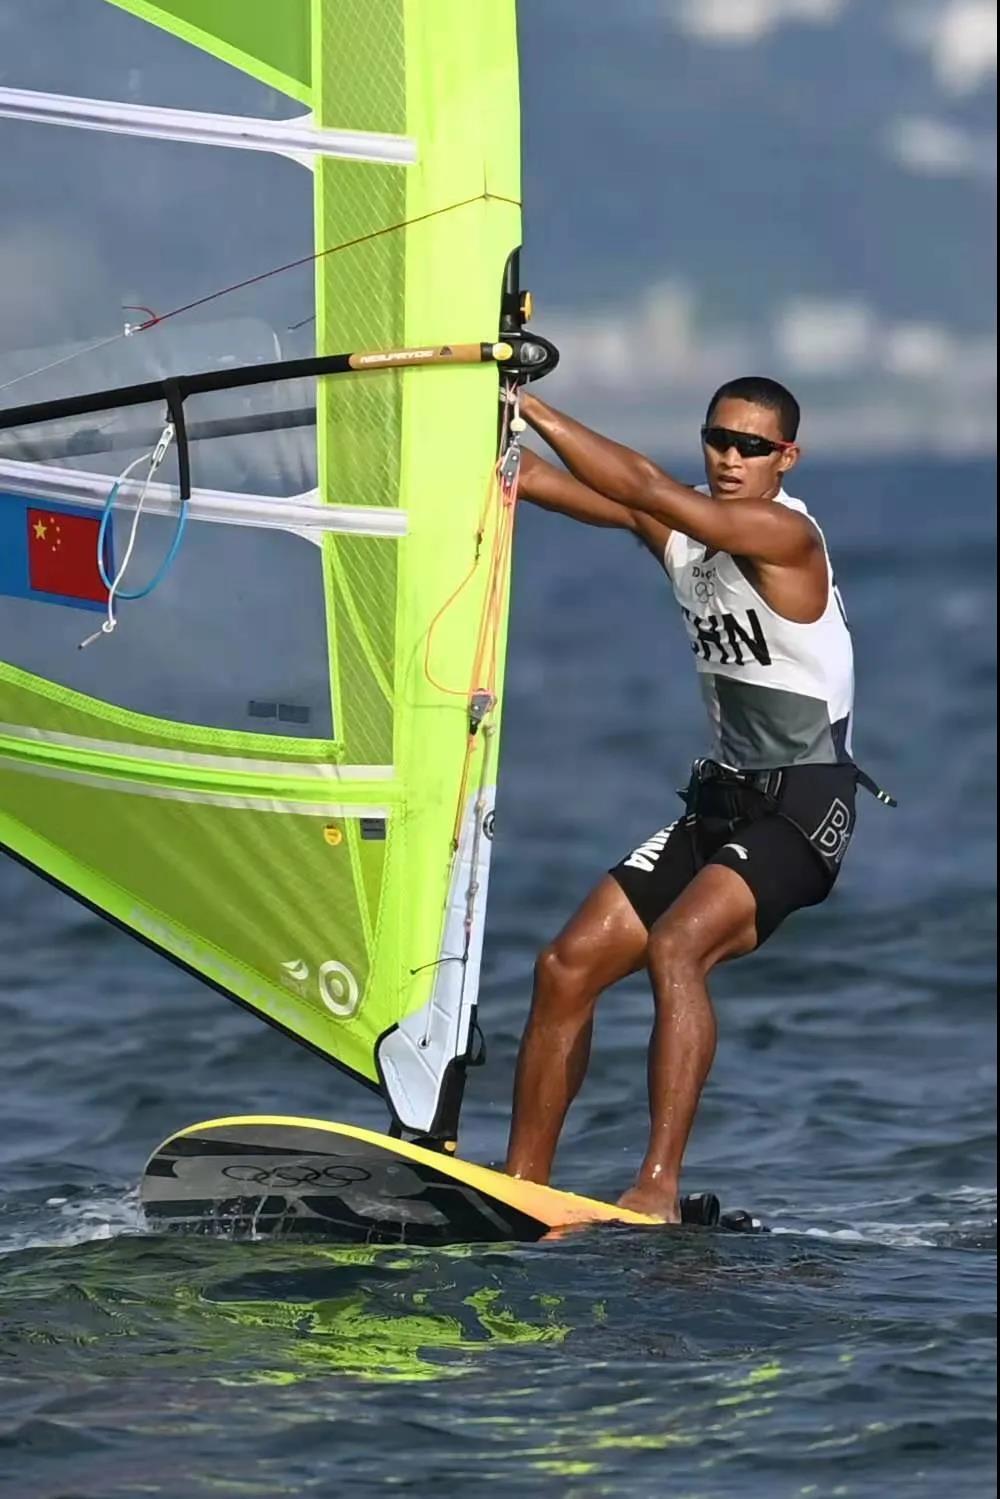 十四运会帆船比赛27日山东扬帆,海南选手毕焜冲击金牌